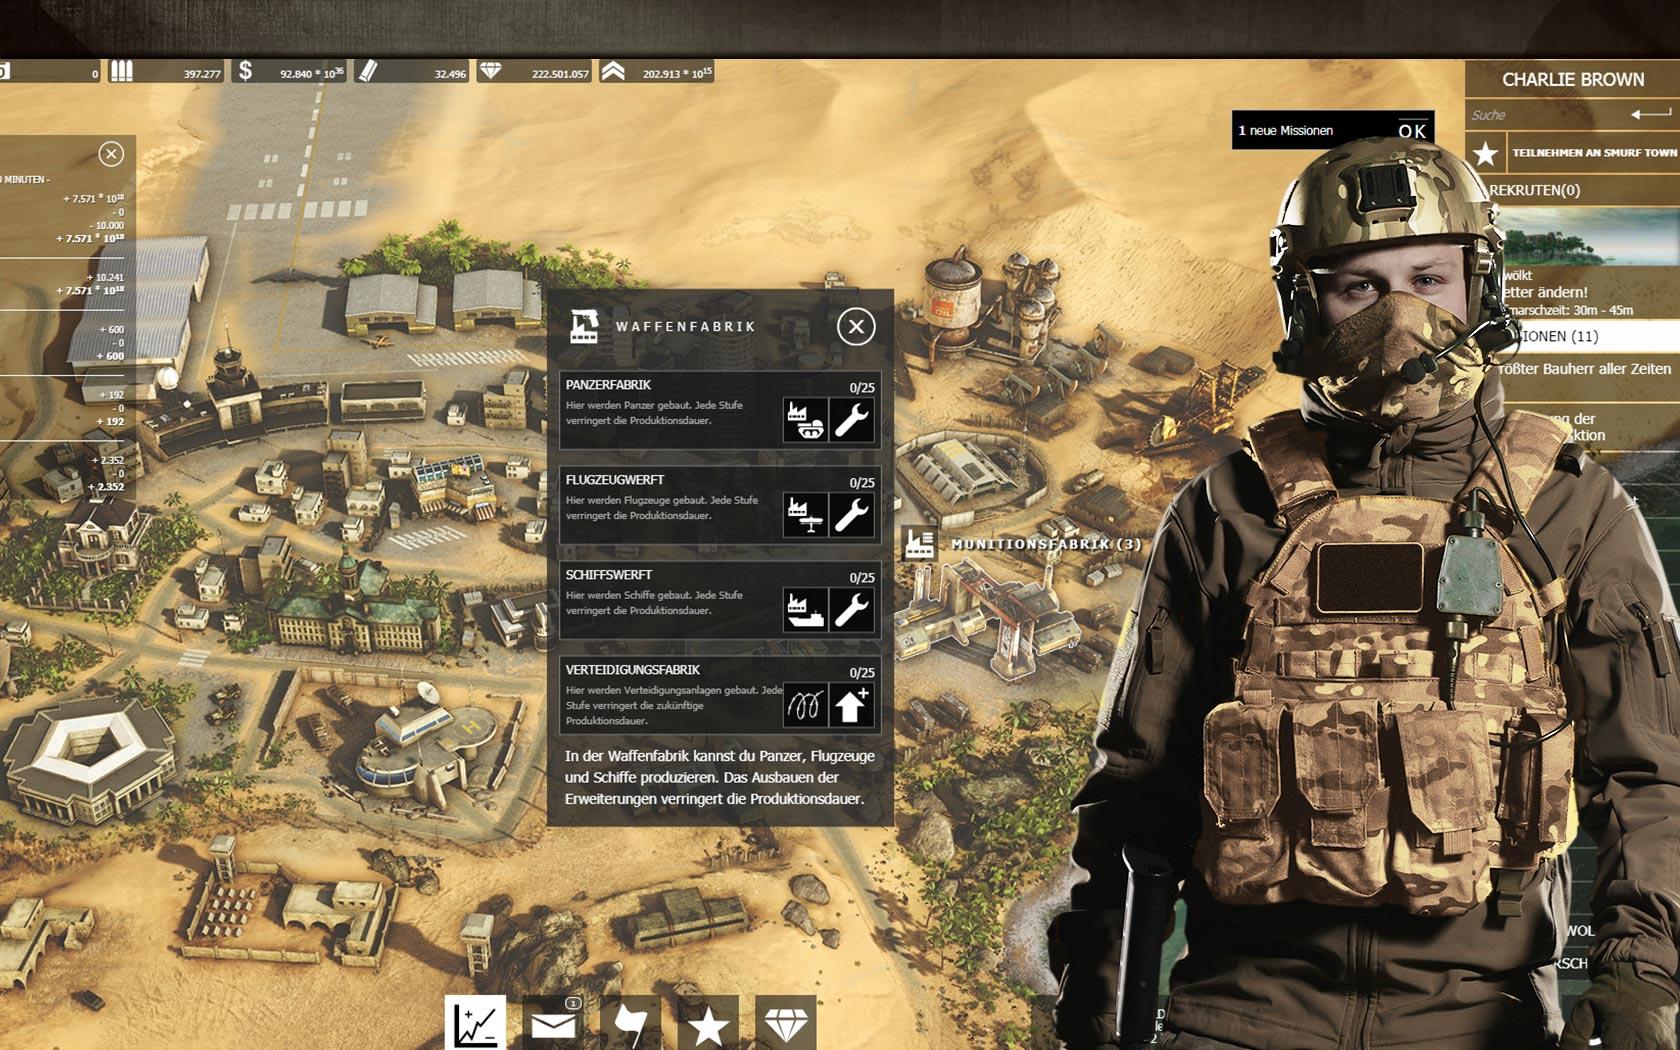 جنرالات الحرب لعبة المتصفح العسكرية المجانية